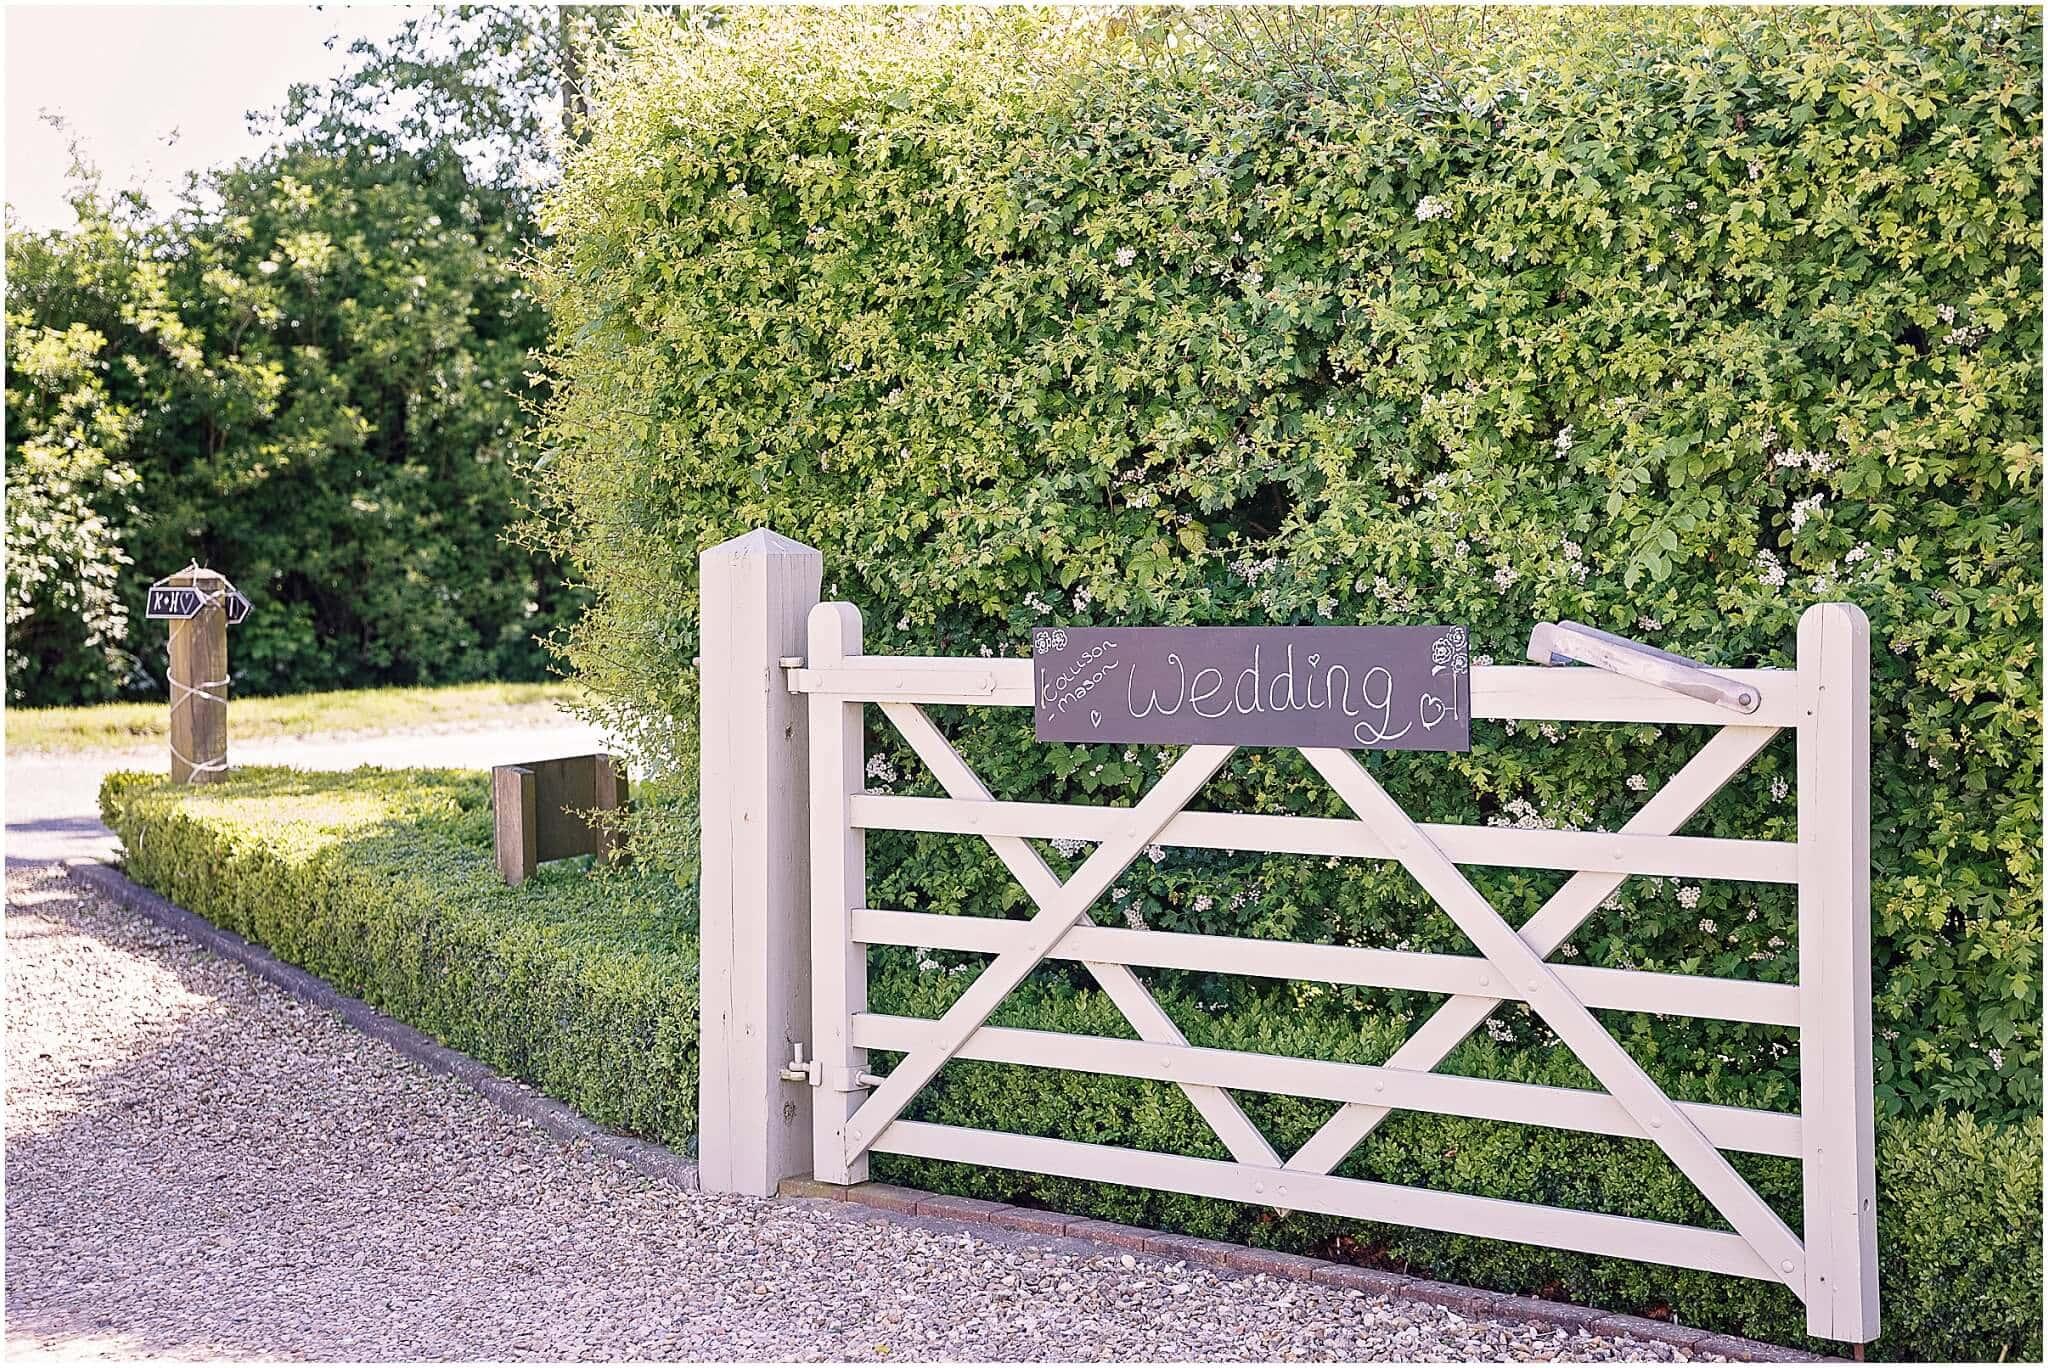 Farm wedding signs